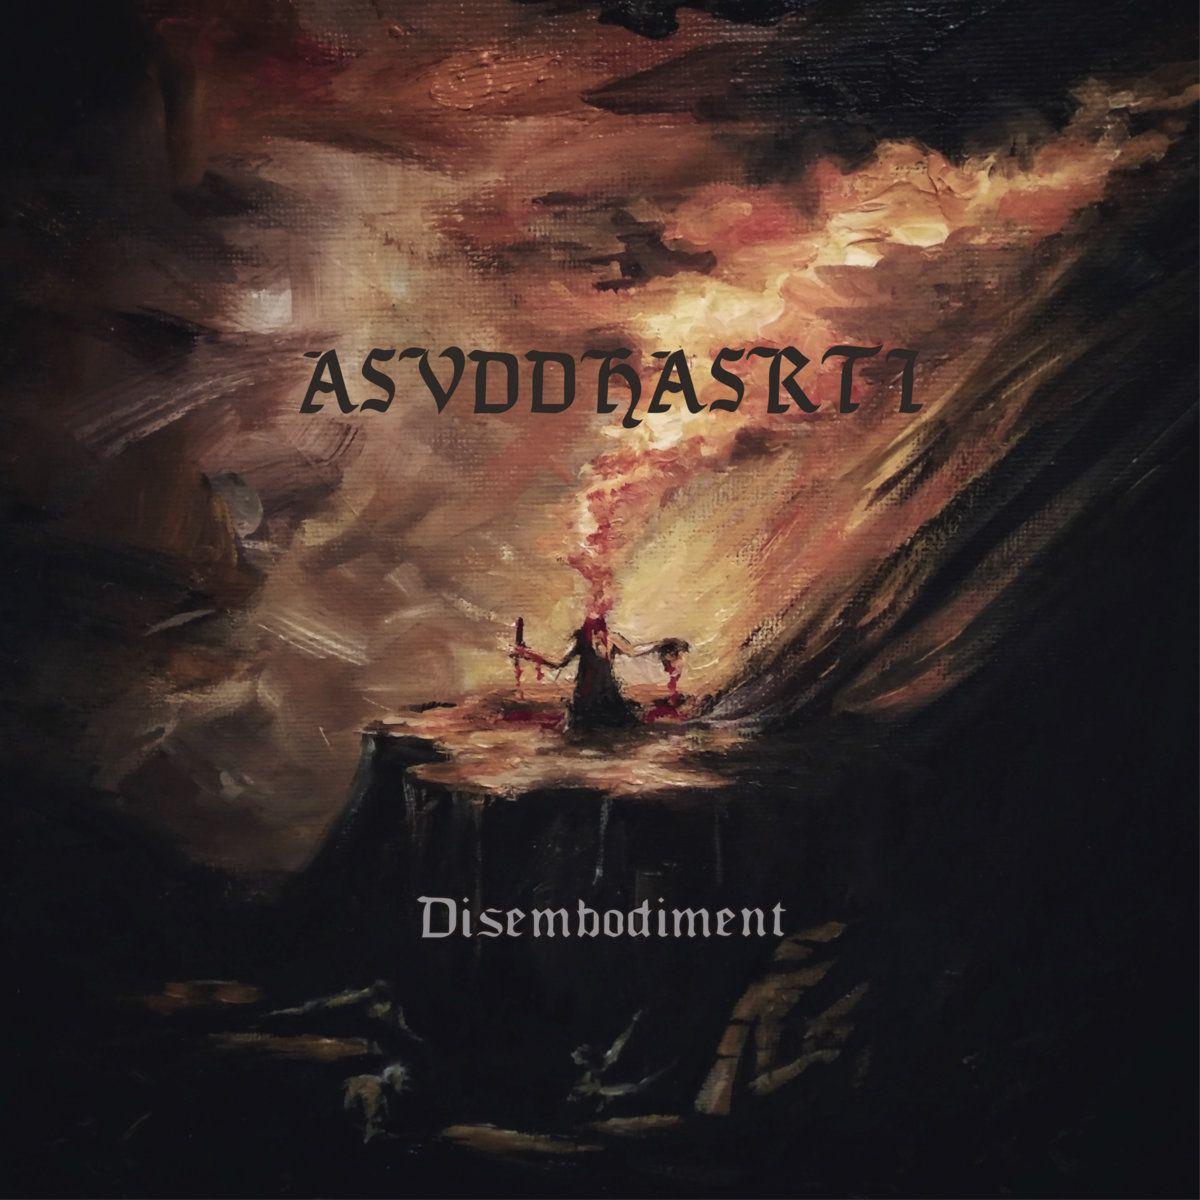 Review for Asvddhasrti - Disembodiment